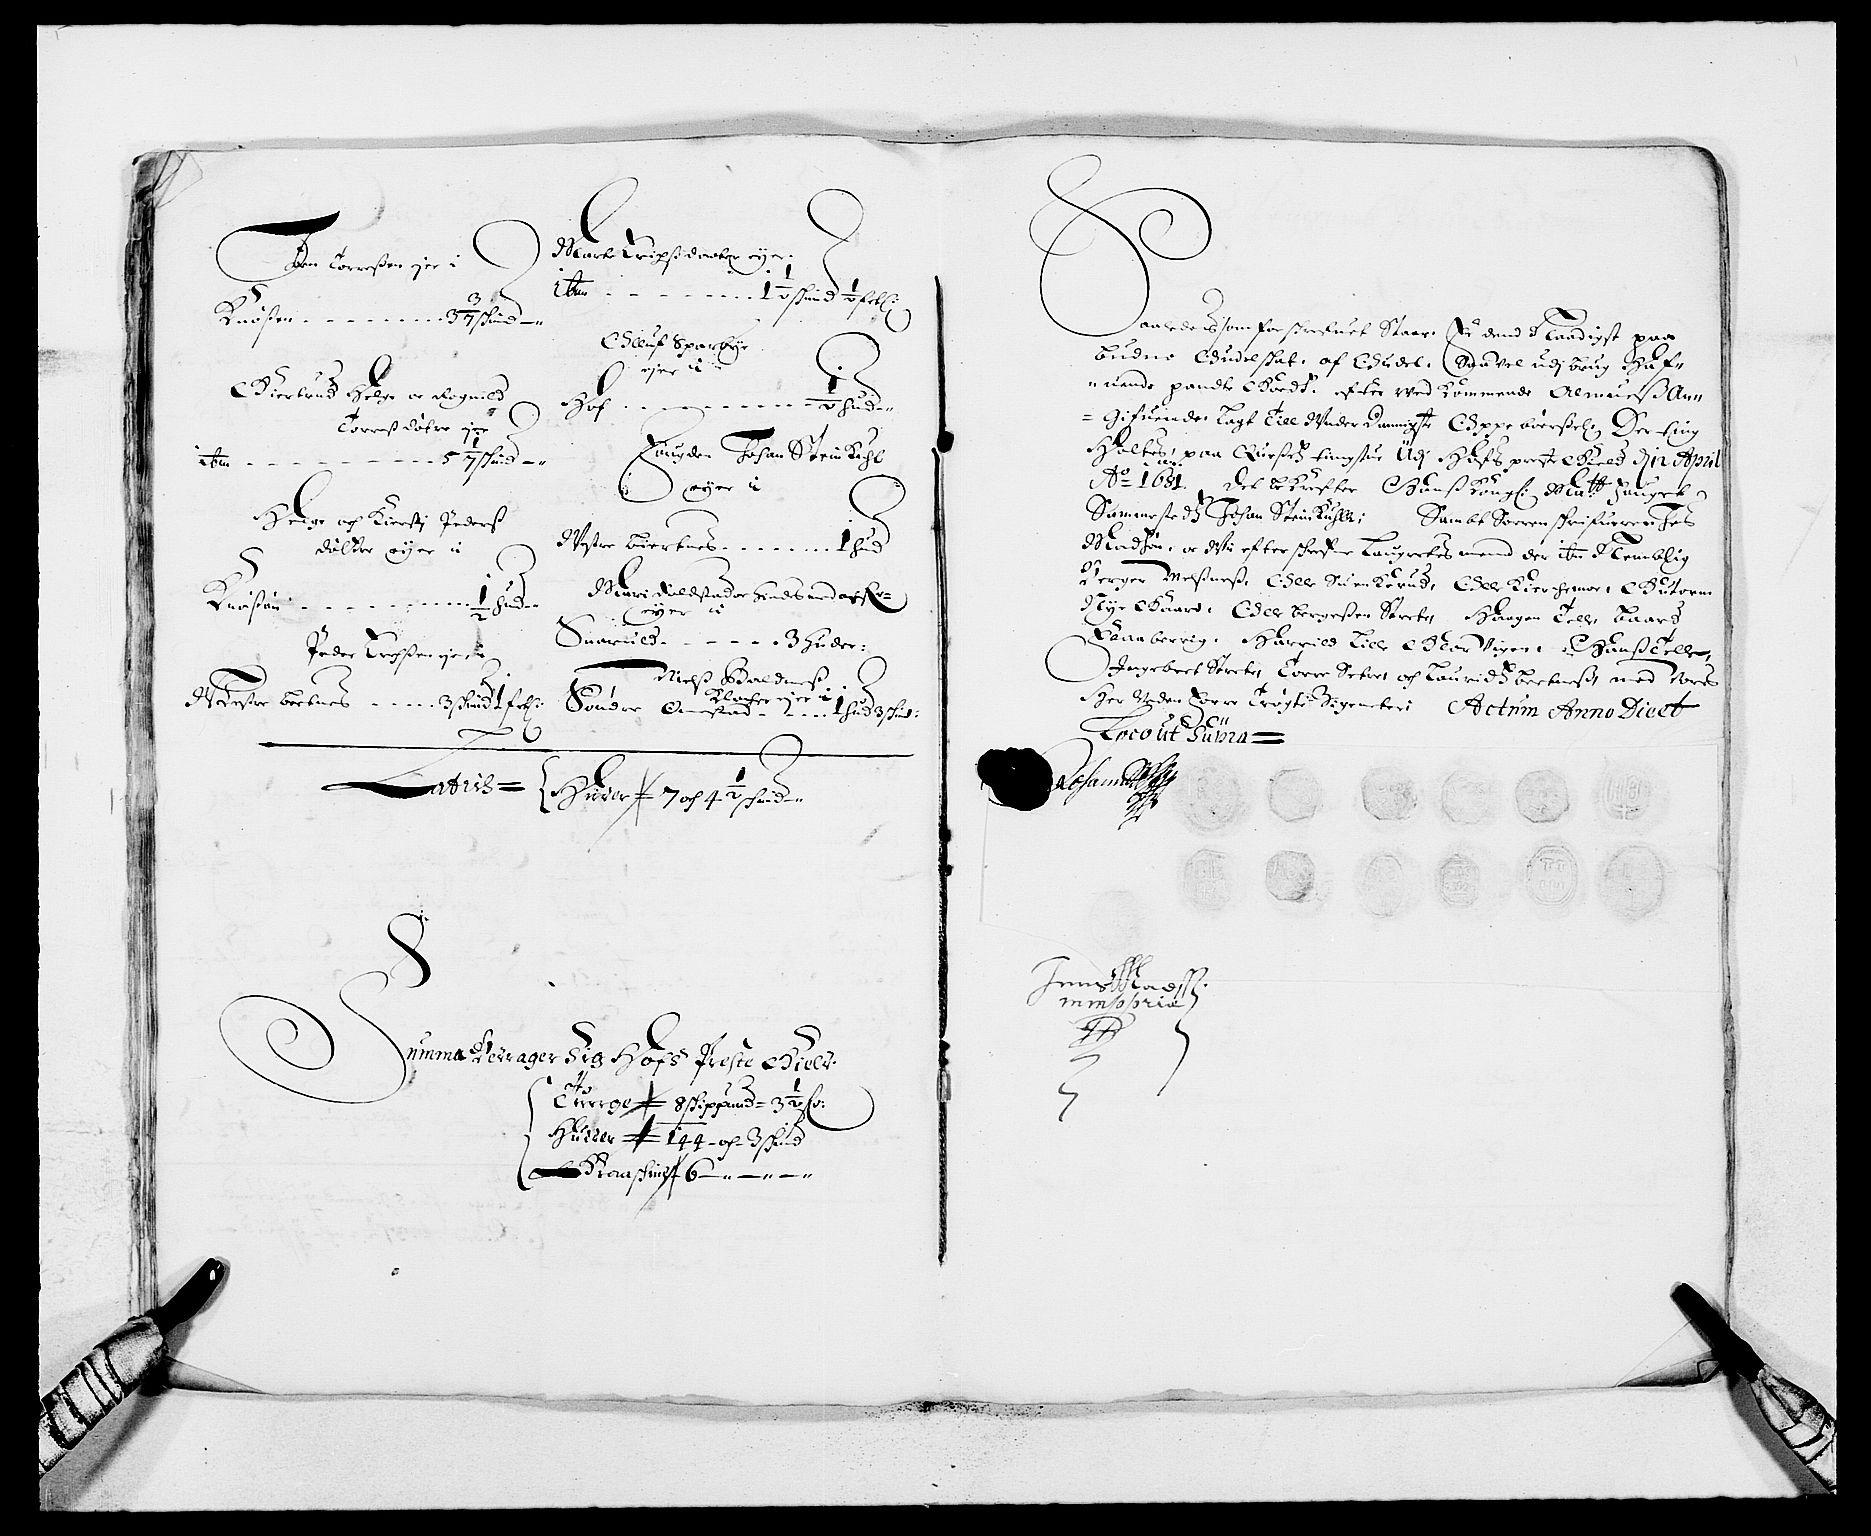 RA, Rentekammeret inntil 1814, Reviderte regnskaper, Fogderegnskap, R13/L0818: Fogderegnskap Solør, Odal og Østerdal, 1681, s. 216